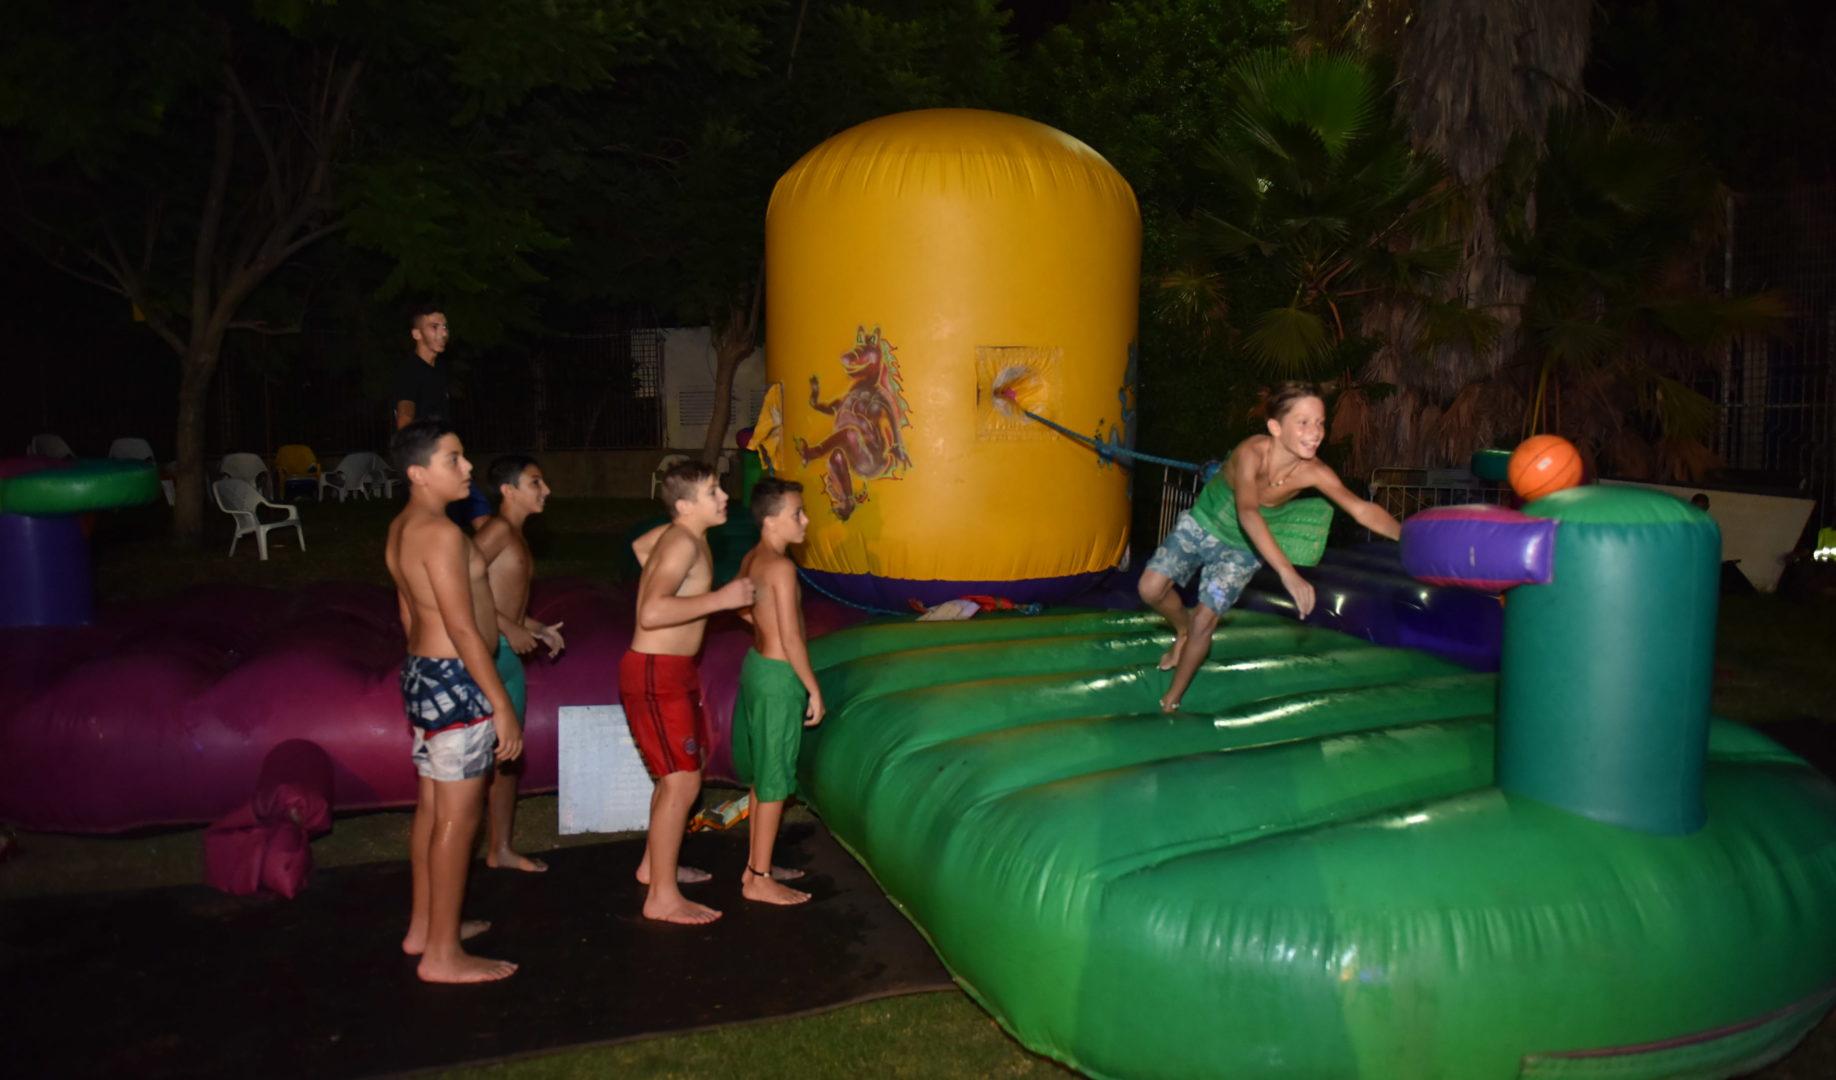 קיץ חם לבני הנוער 2